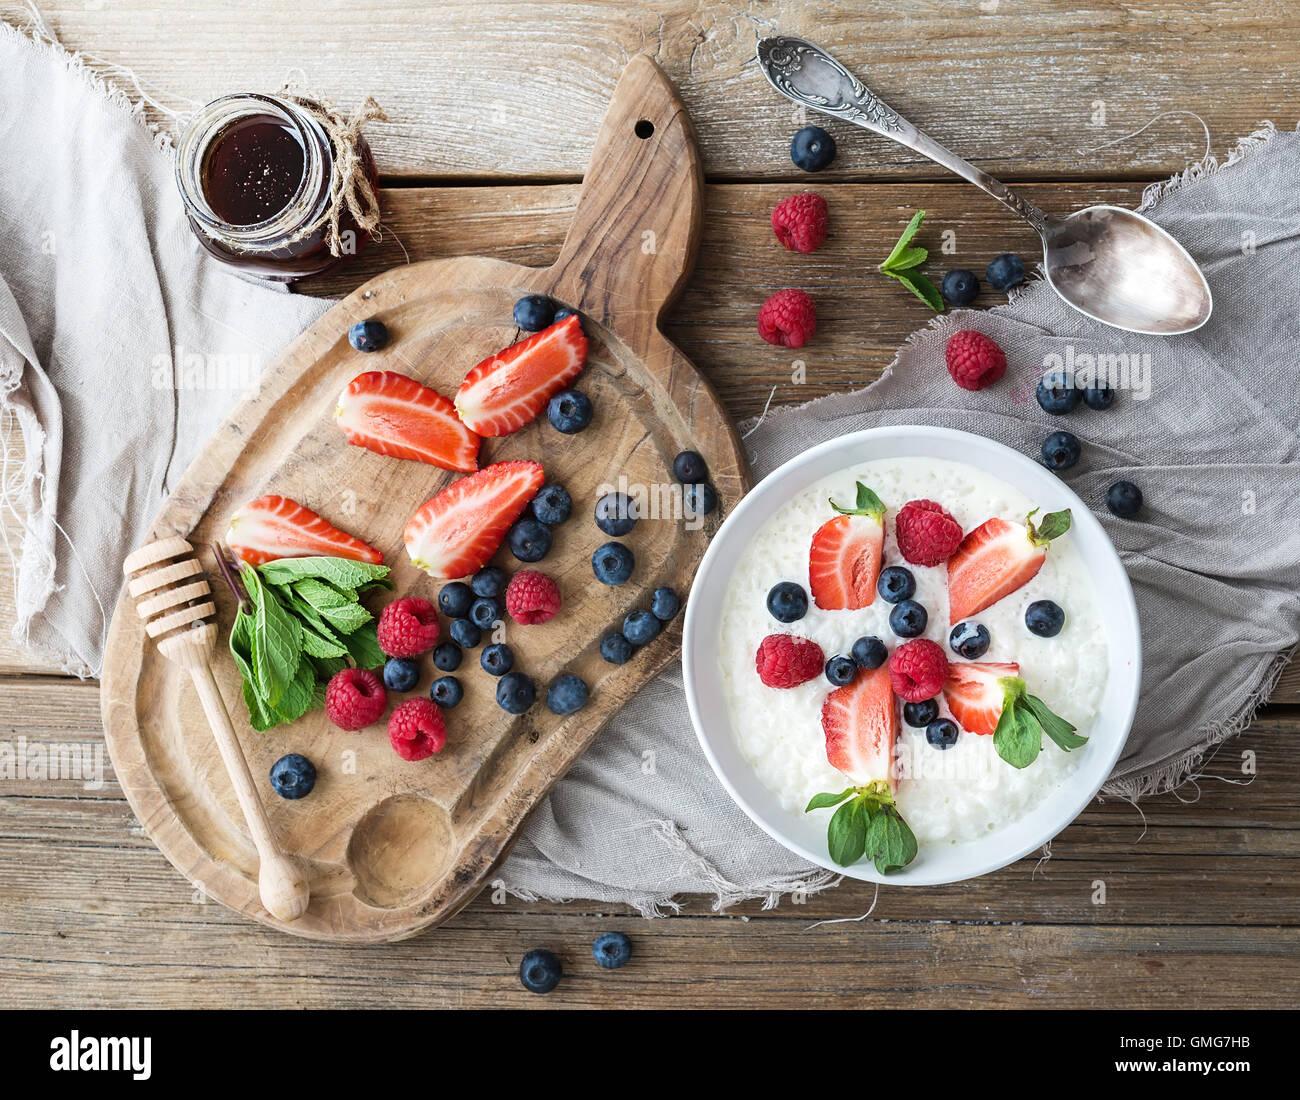 Desayuno saludable. El cereal de arroz o avena con bayas y miel Imagen De Stock